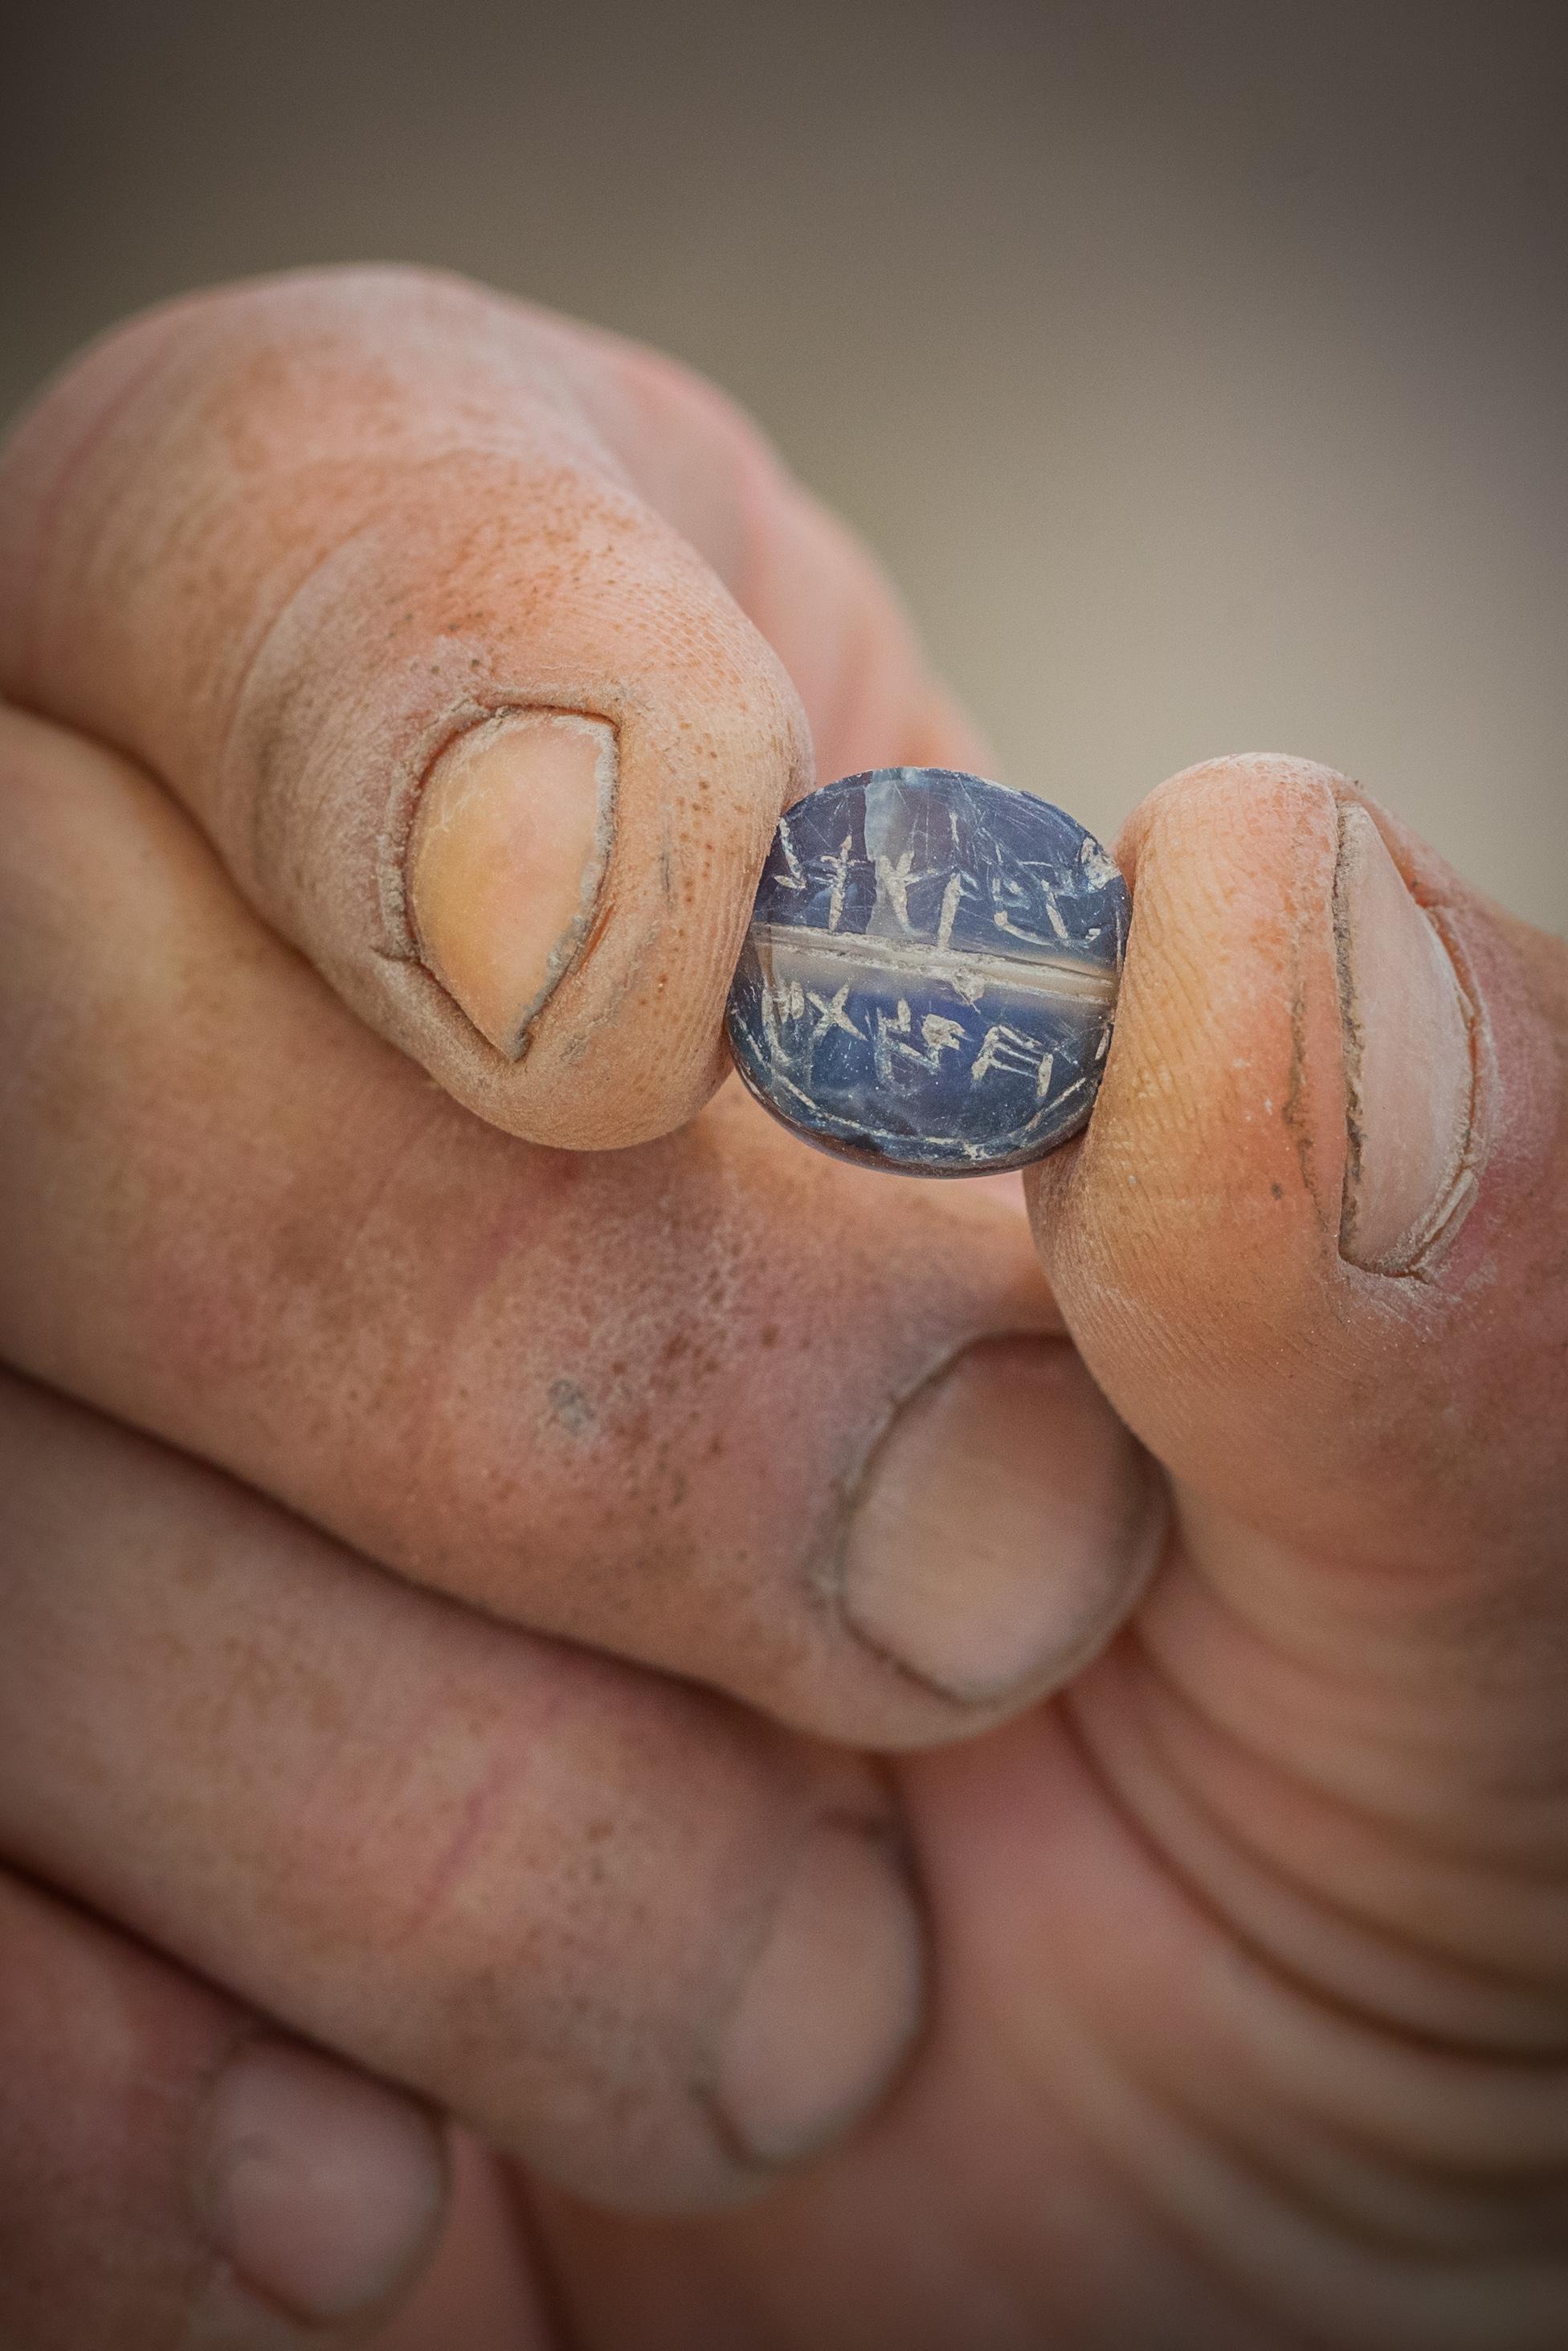 חותם לאכר בן מתניה. צילום: אליהו ינאי